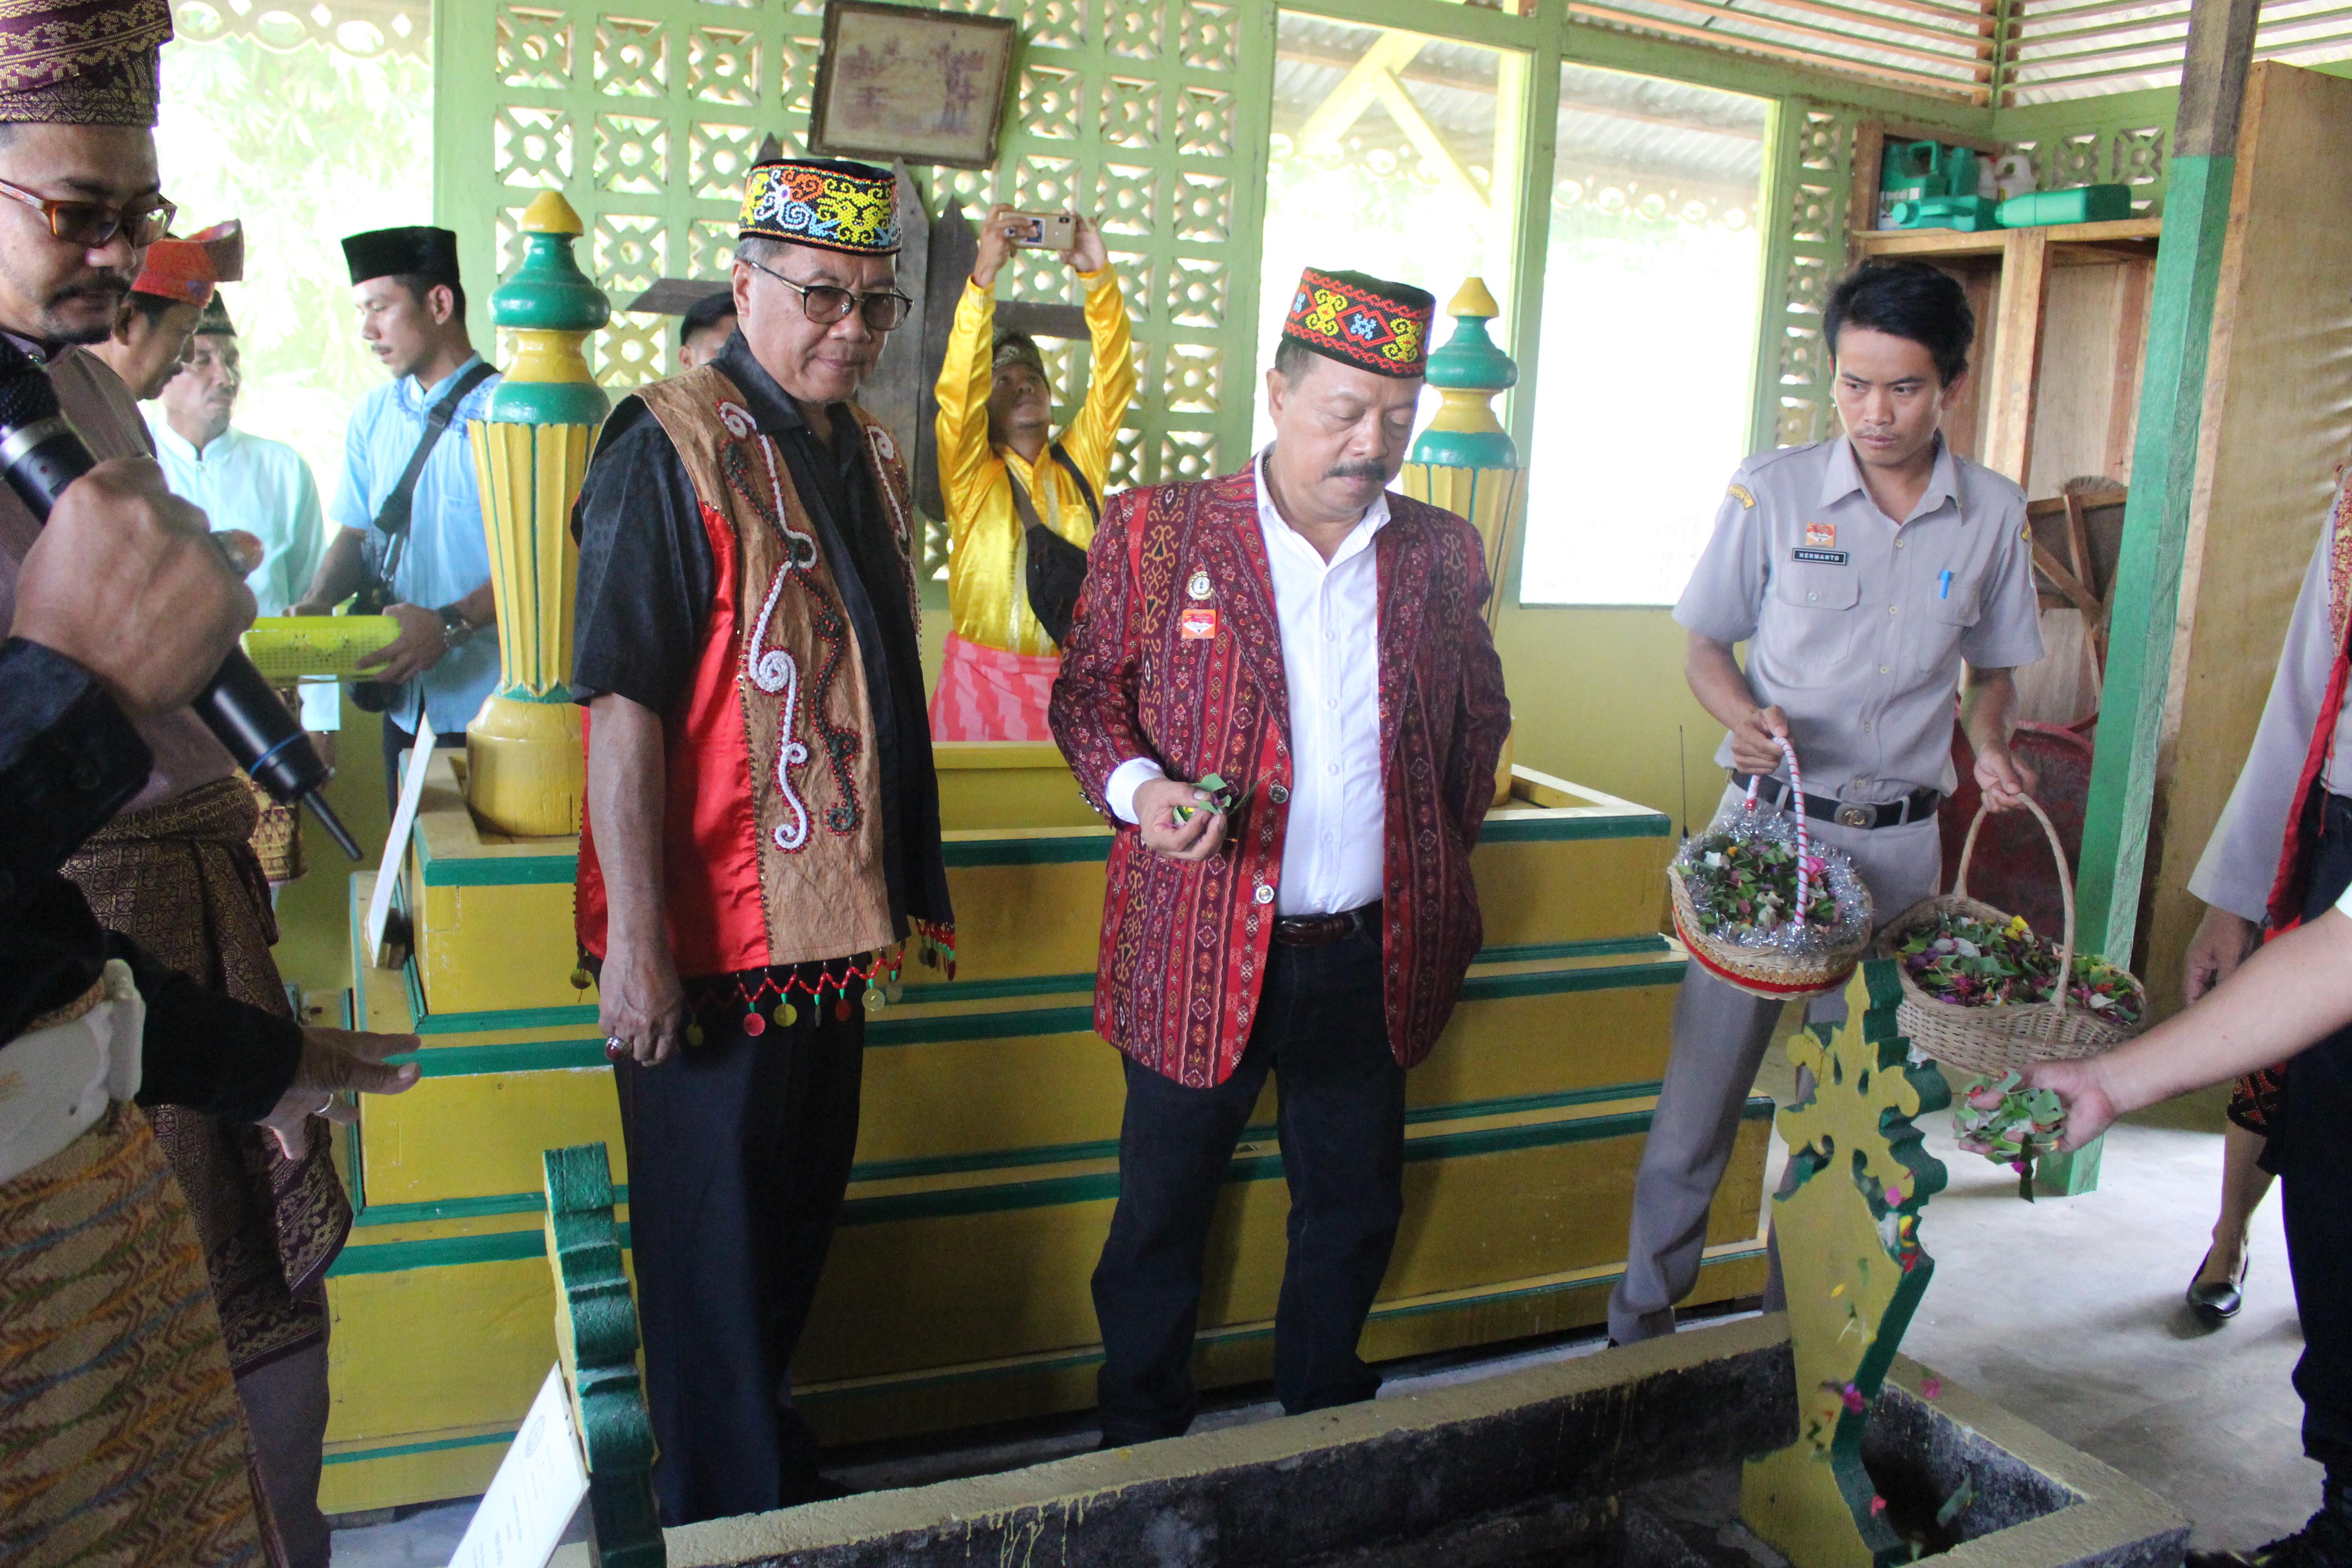 Jelang Hari Jadi ke-403 Kabupaten Sanggau, Wakil Bupati Ziarah Makam Raja dan Makam Bupati Pertama Sanggau